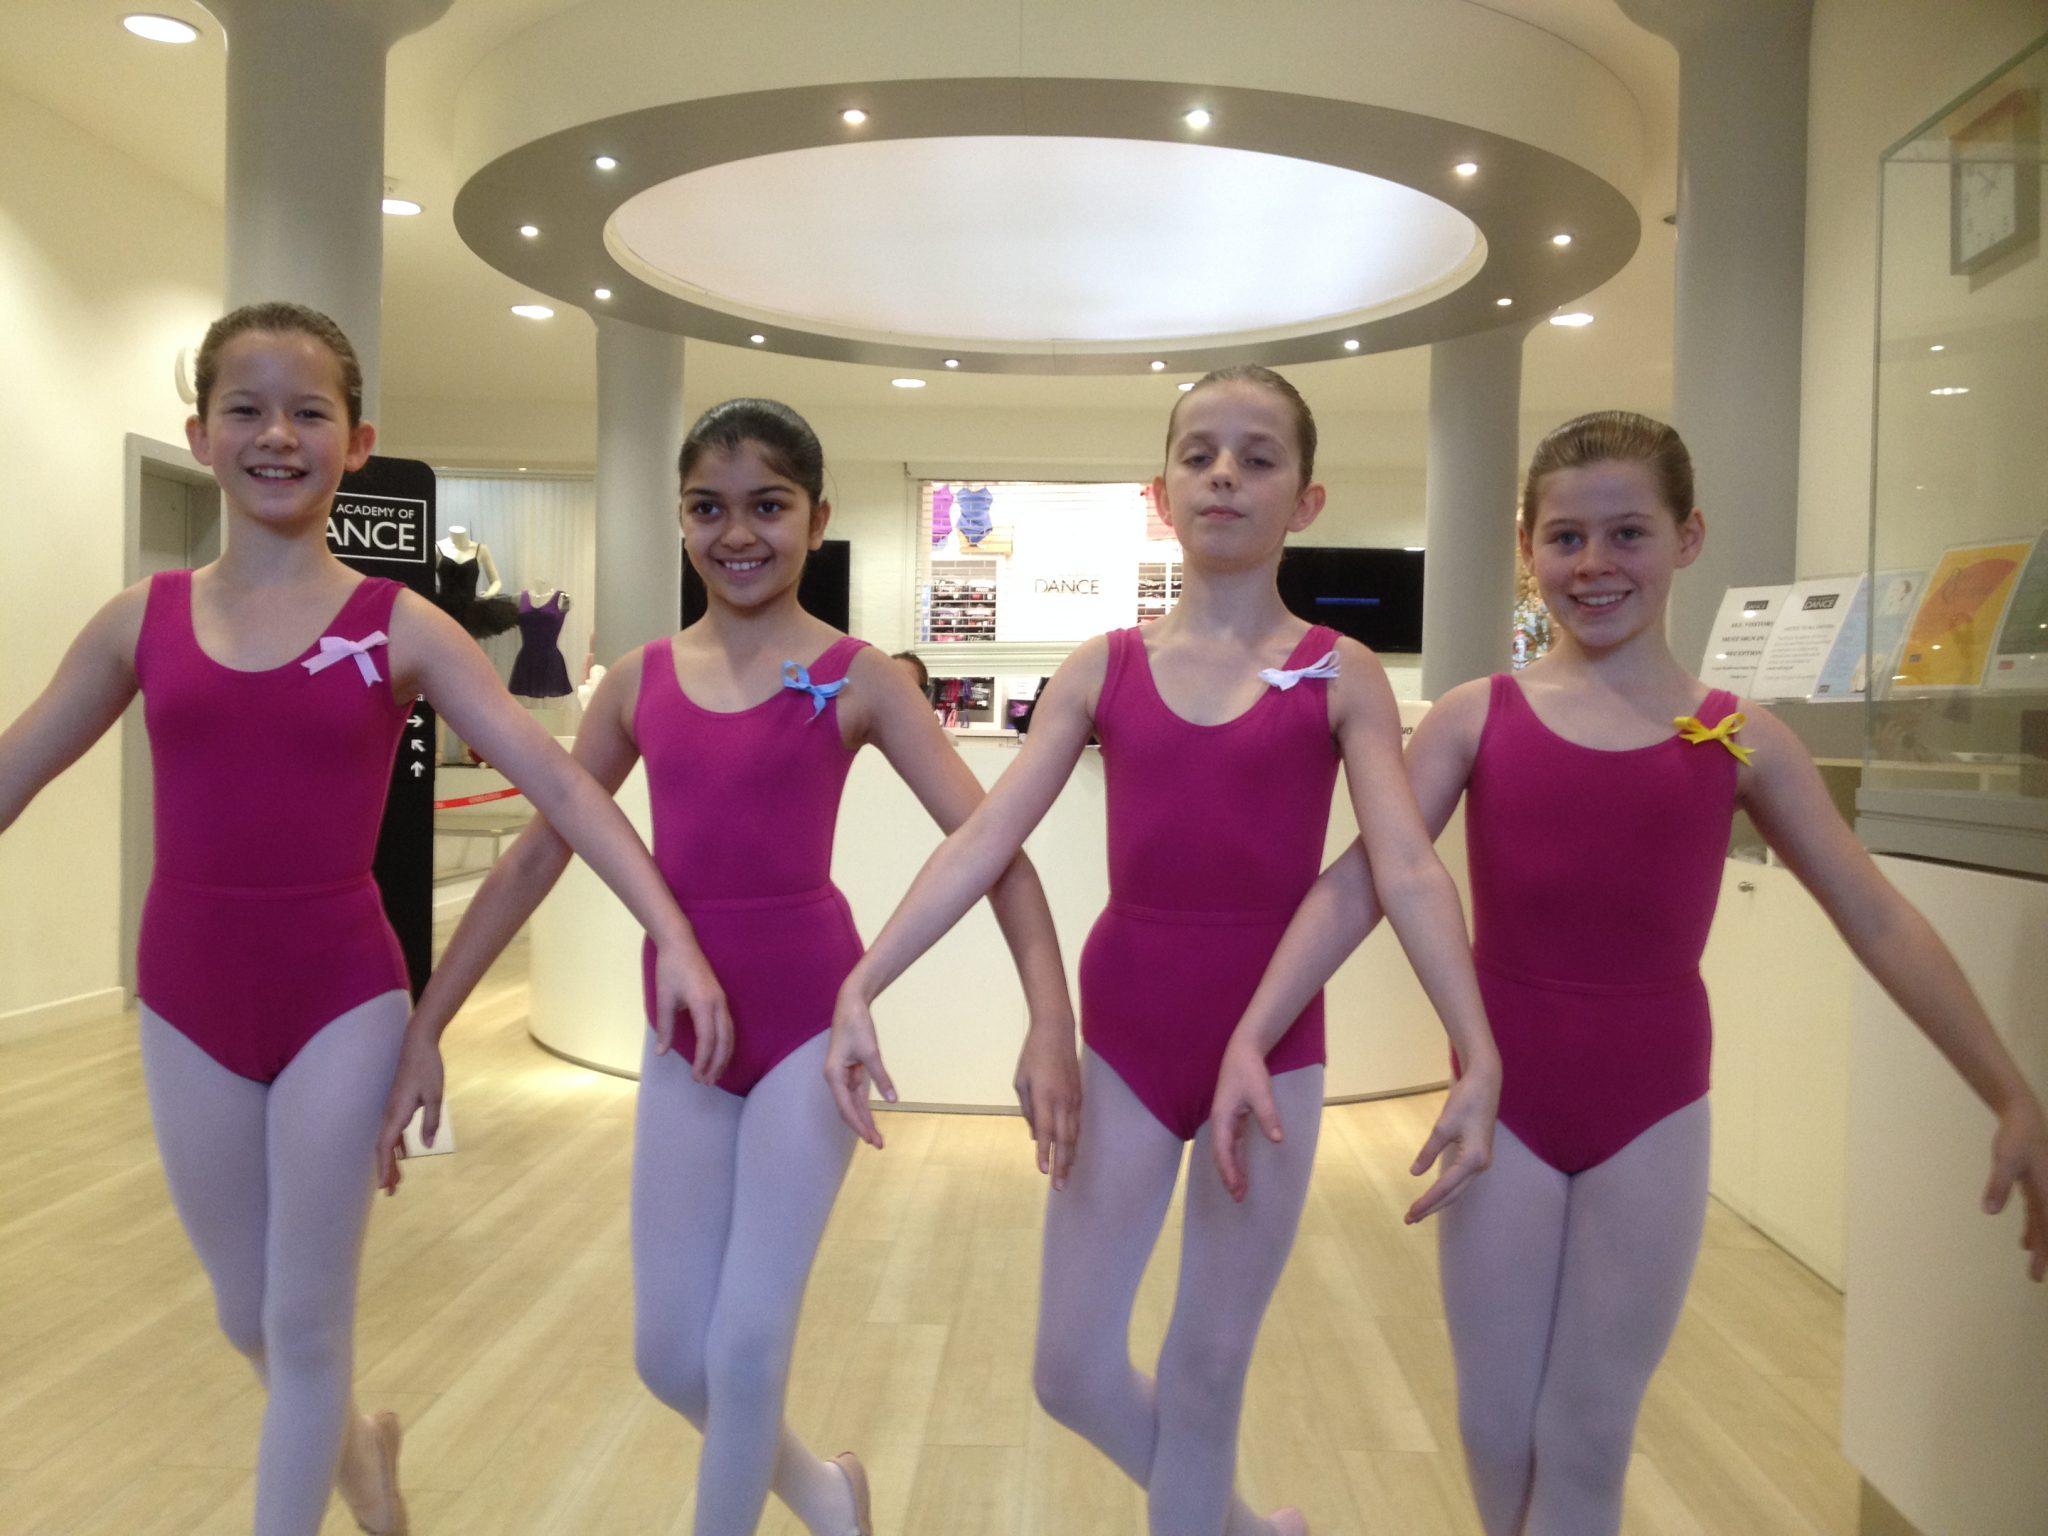 Ballet uniforms